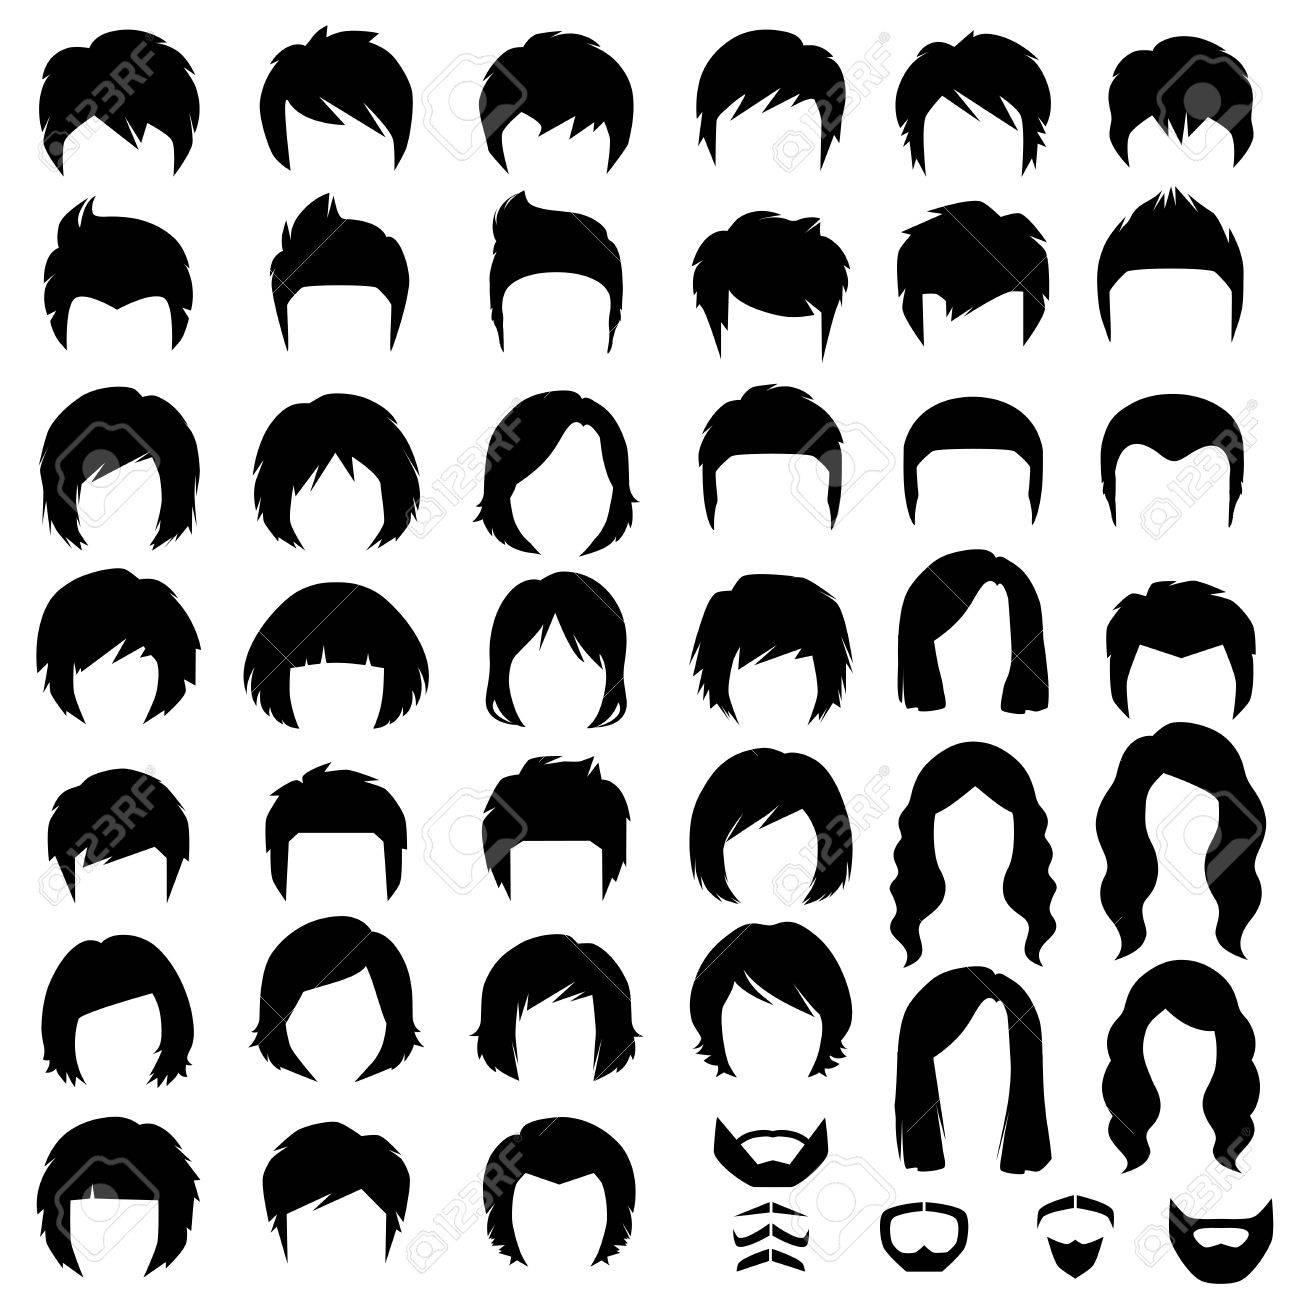 髪型 ベクター